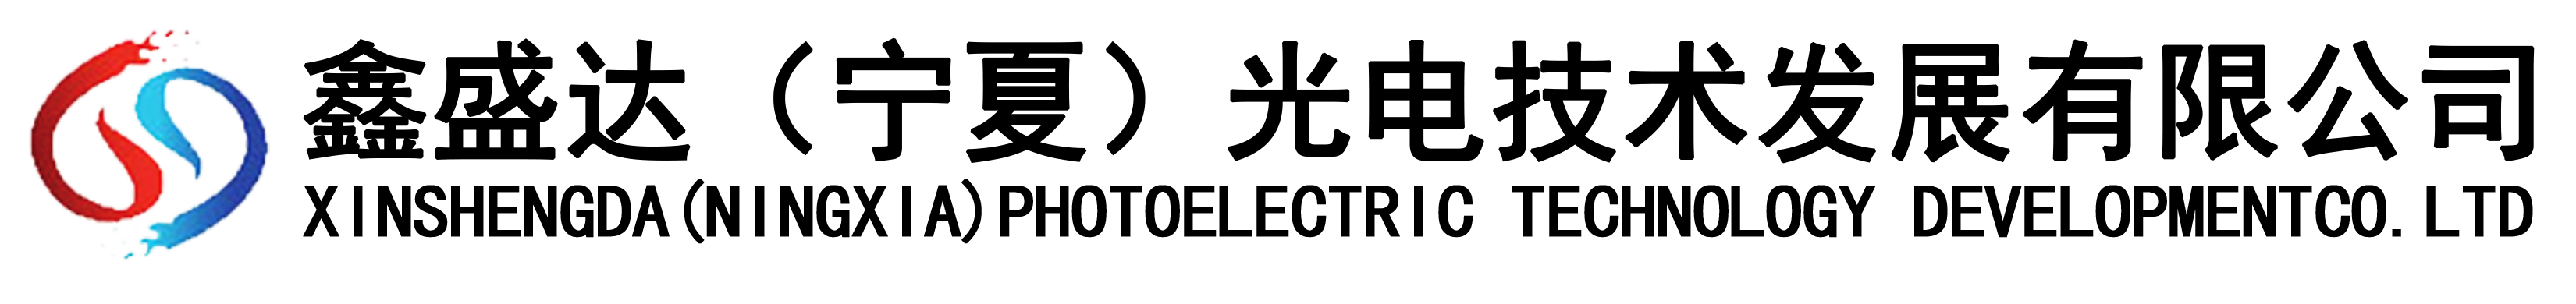 鑫盛達(寧夏)光電技術發展有限公司